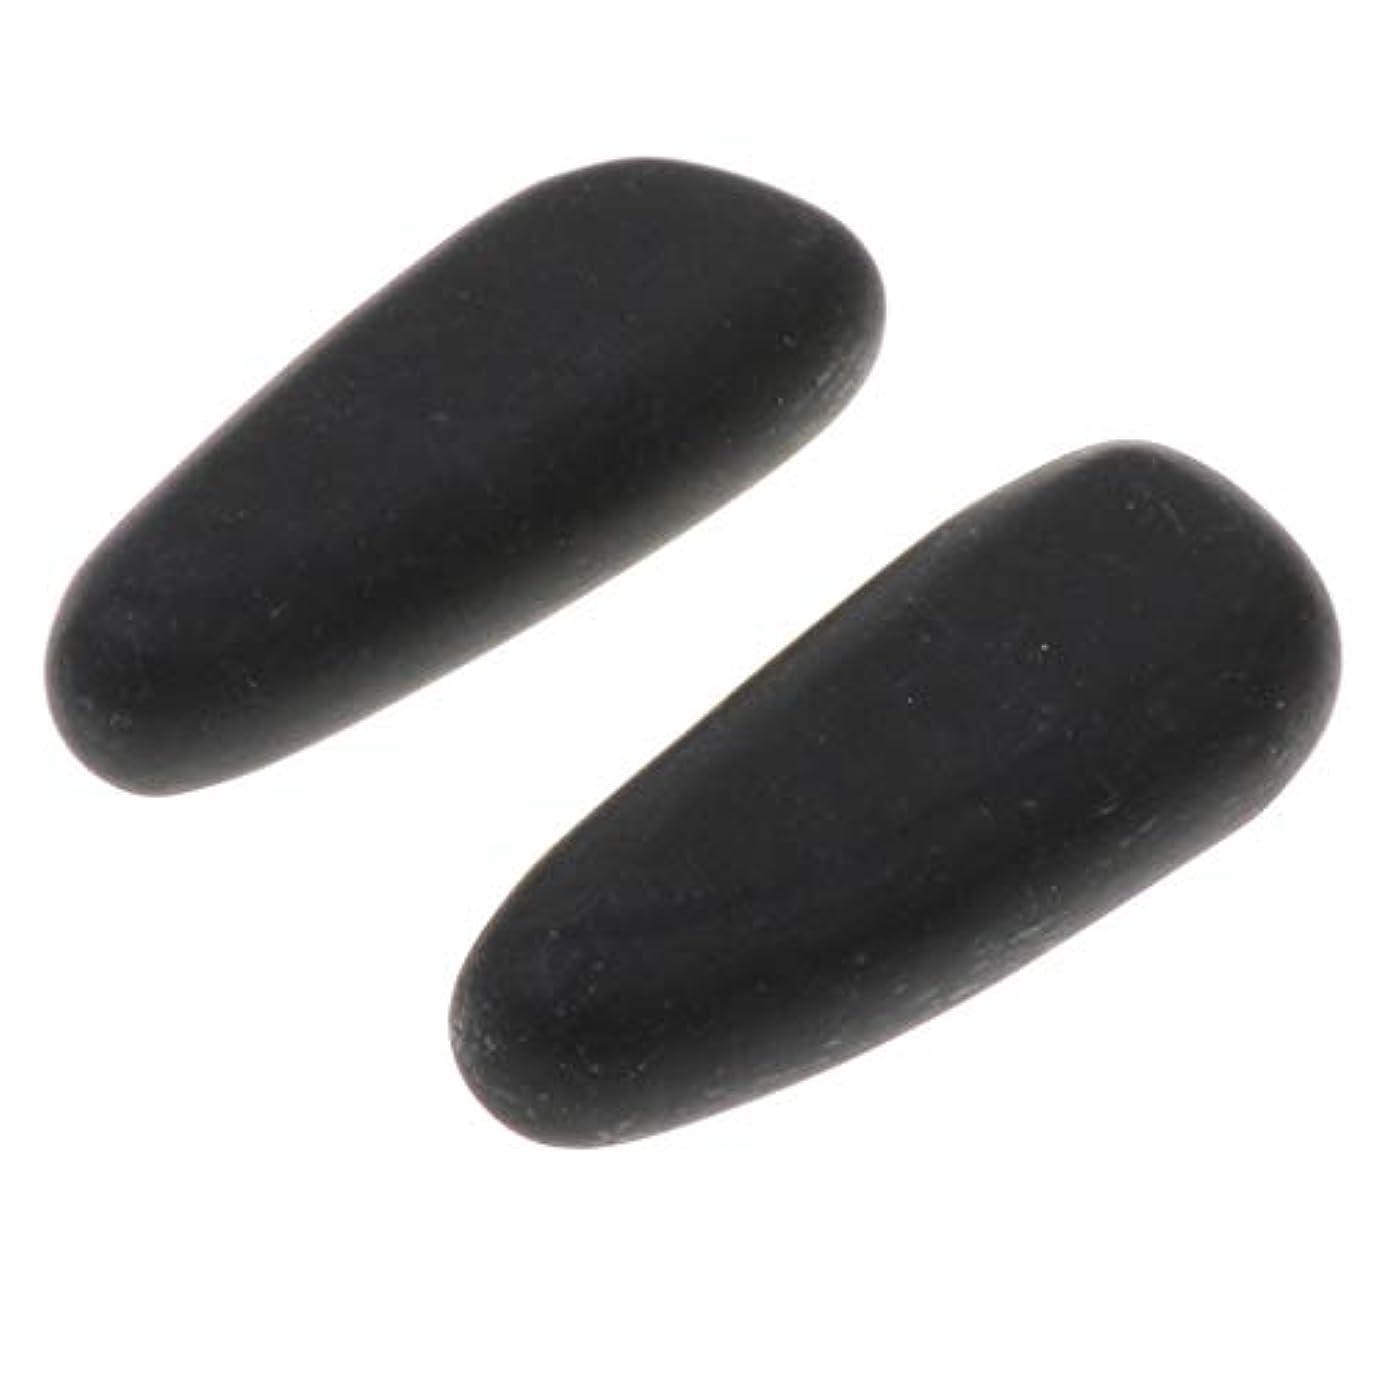 社員助けて属性天然石ホットストーン マッサージ用玄武岩 マッサージストーン ボディマッサージ 実用 2個 全2サイズ - 8×3.2×2cm